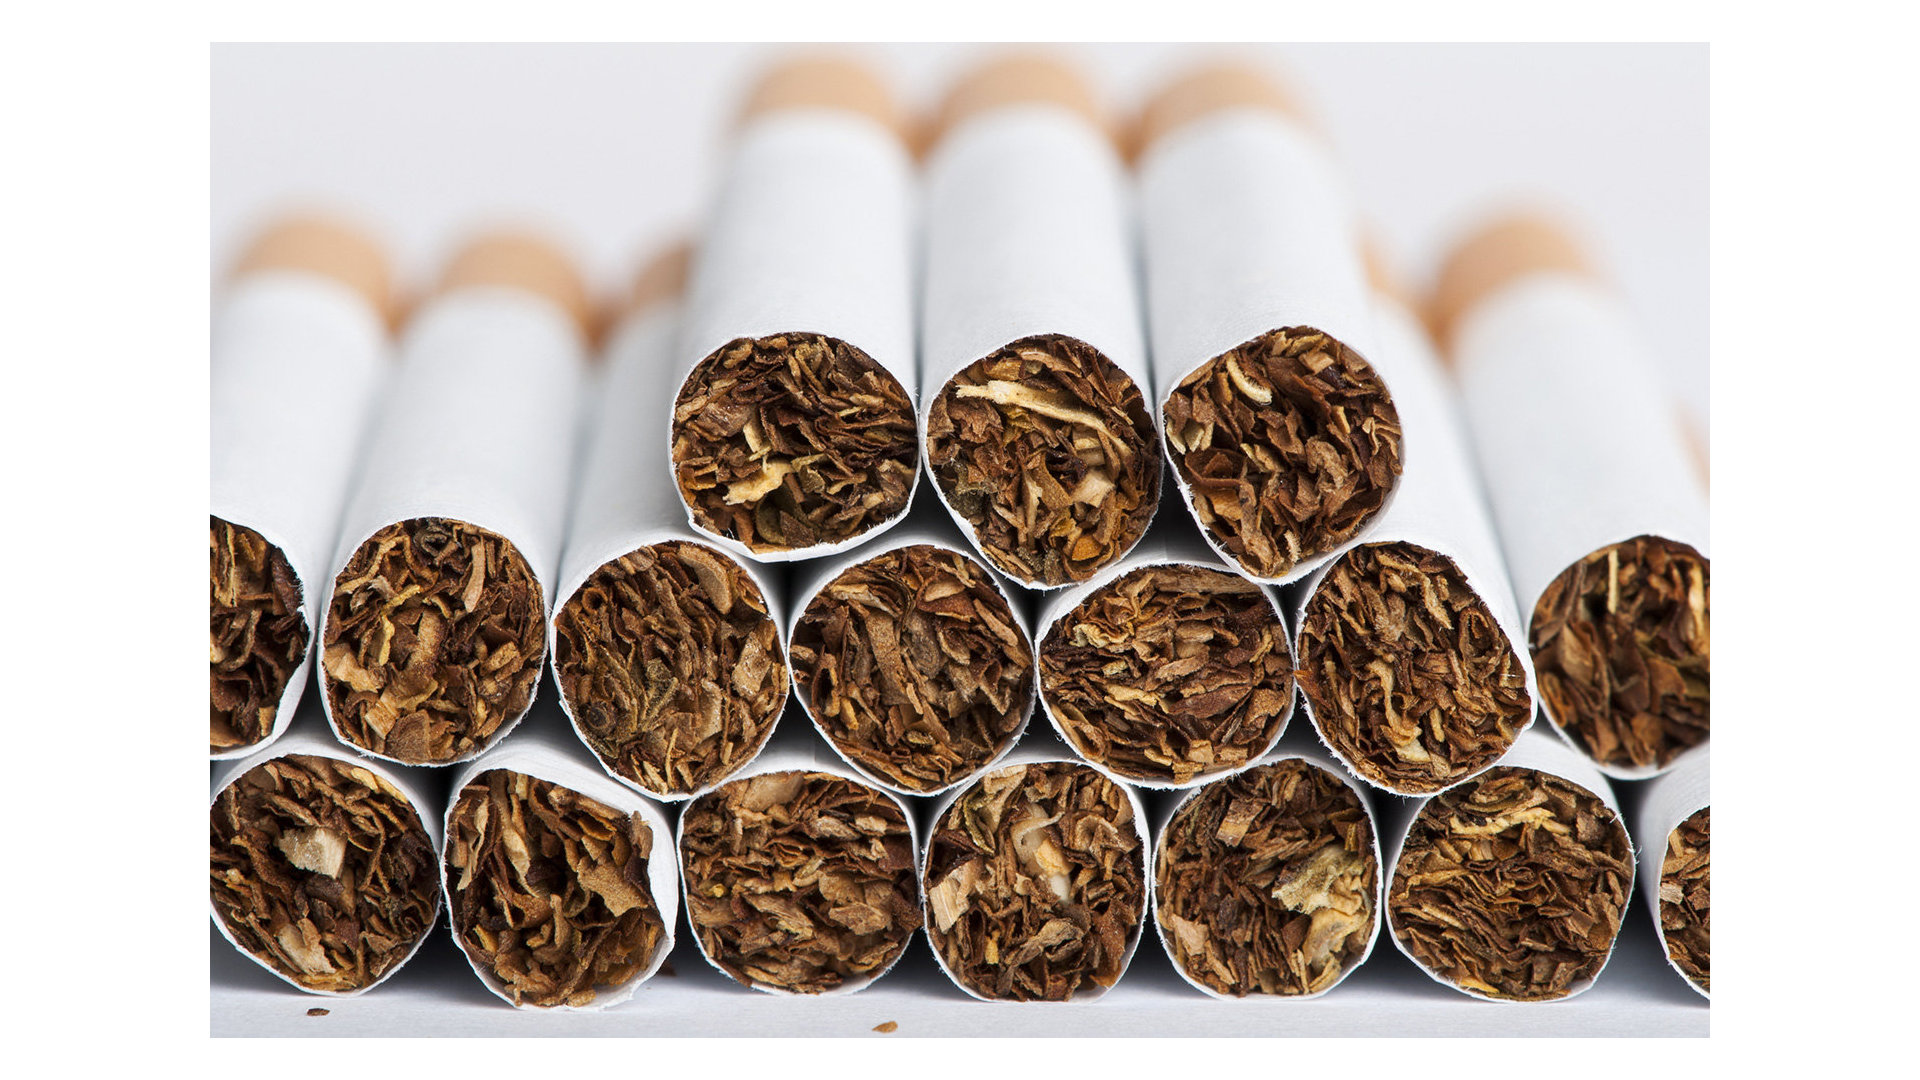 Постановление правительства о табачных изделиях доставка электронных сигарет москва одноразовых